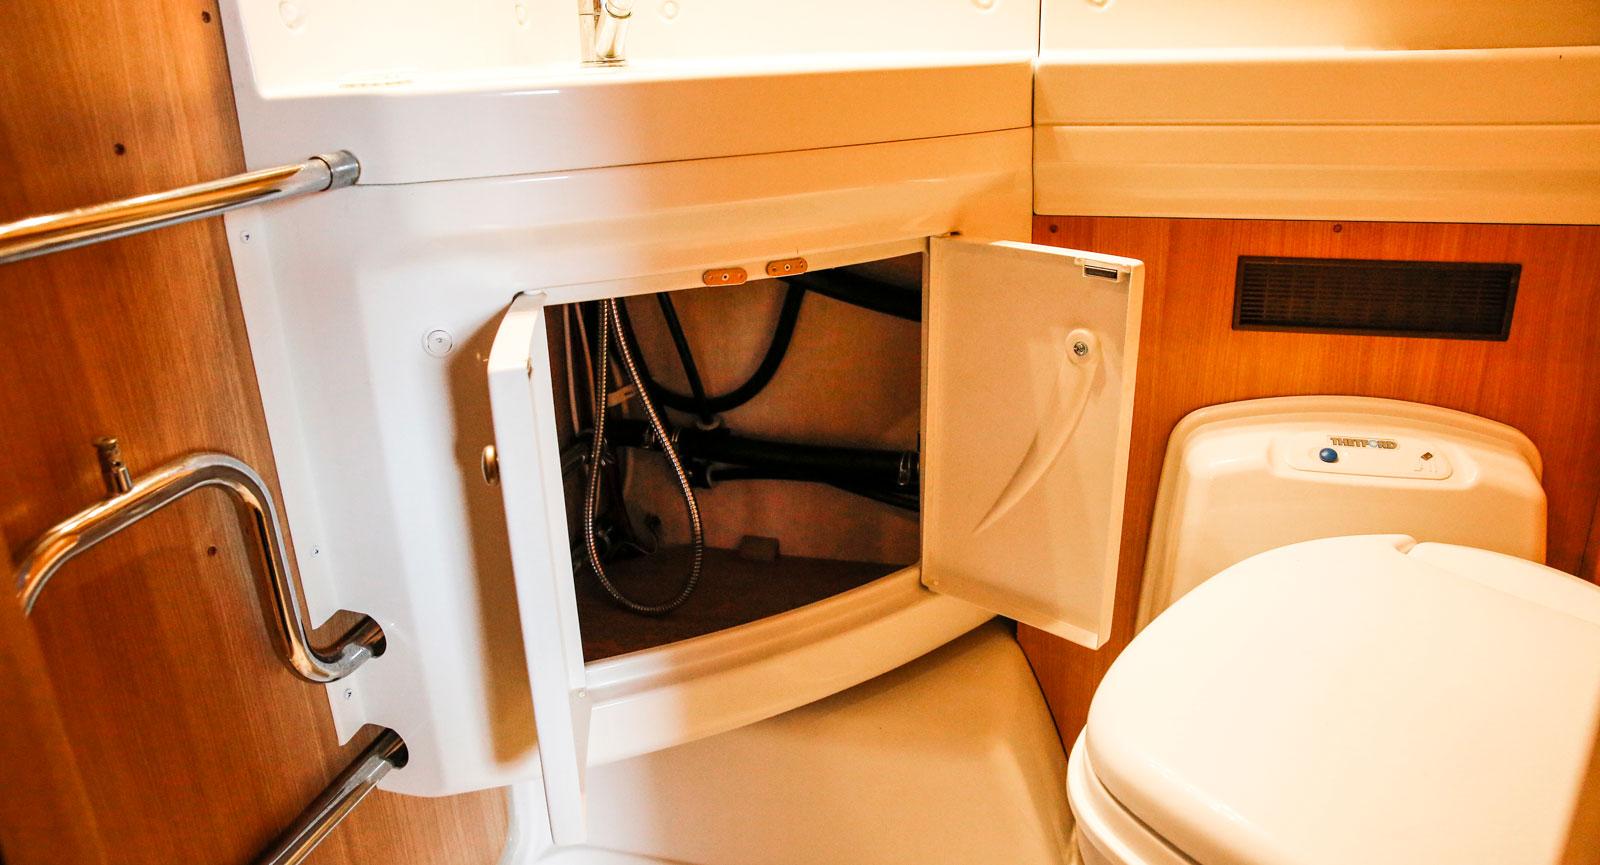 Förvaringen i badrumsskåpet får samsas med slangar och rör.